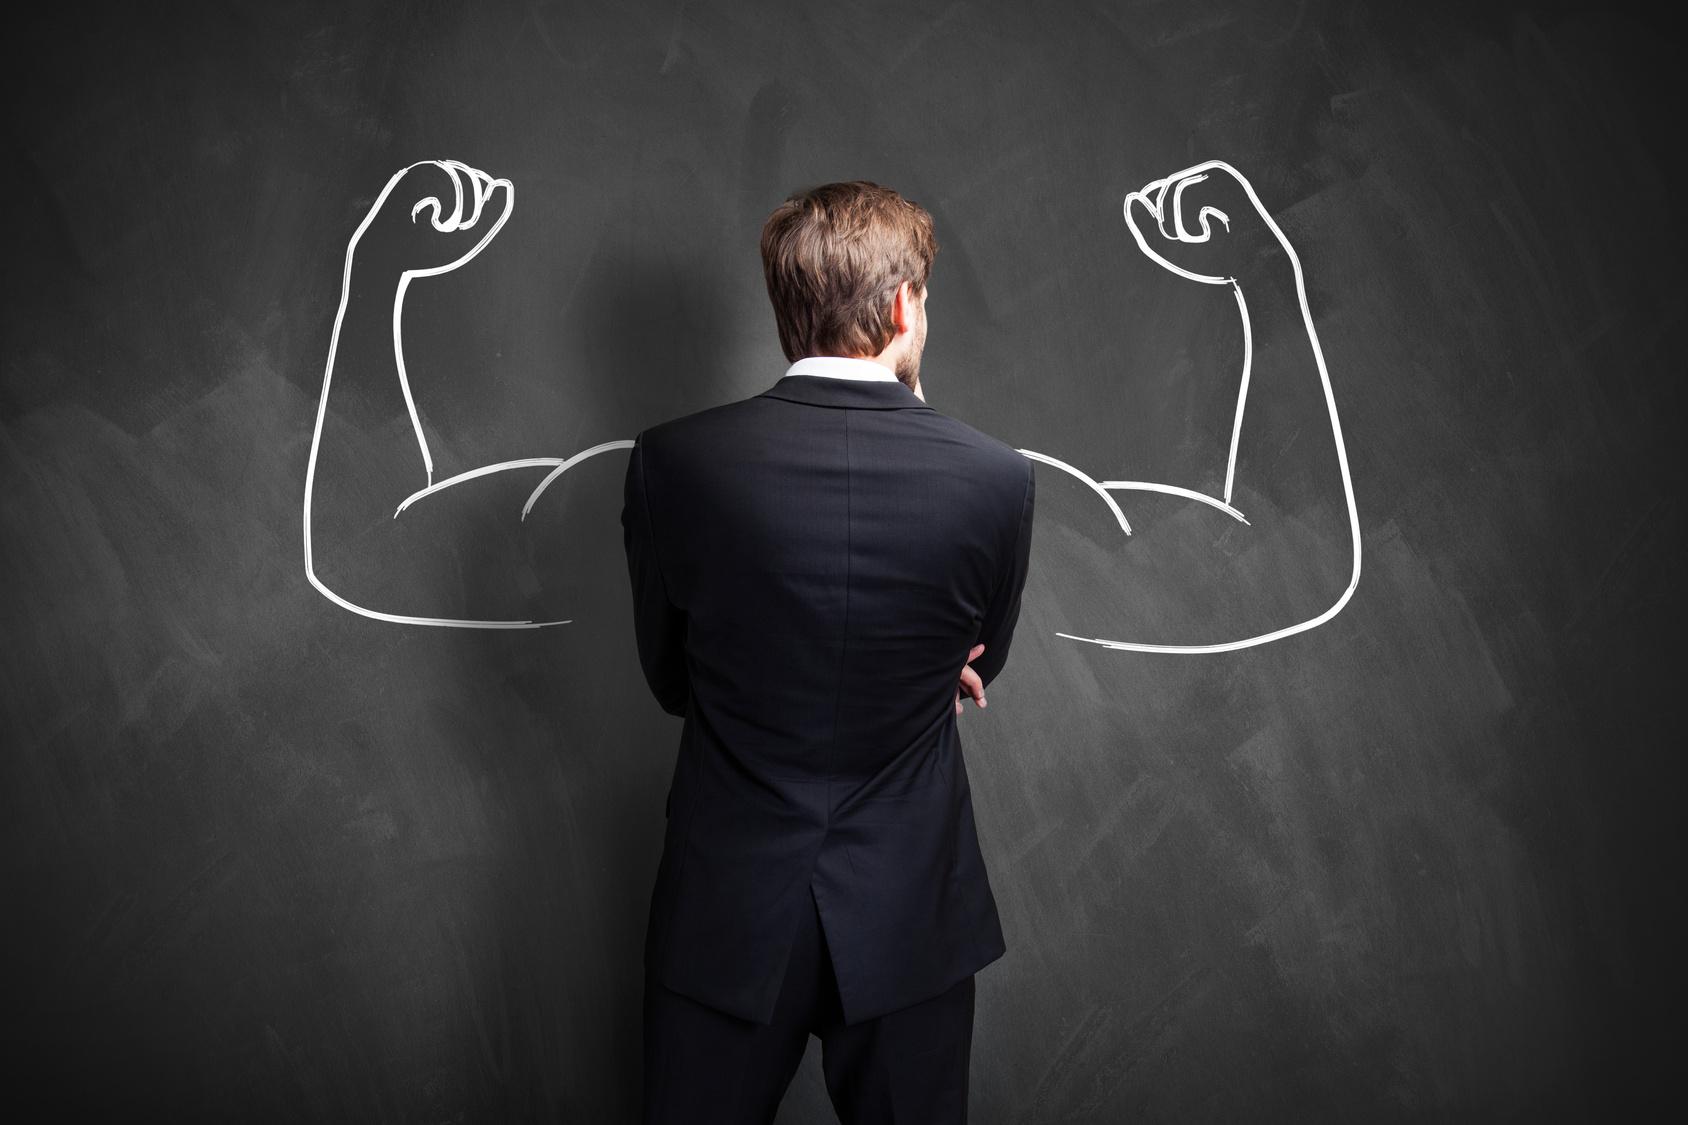 ОФИСНЫЙ ХАЛК: 6 способов подделать уверенность, когда вы чувствуете себя неуверенно